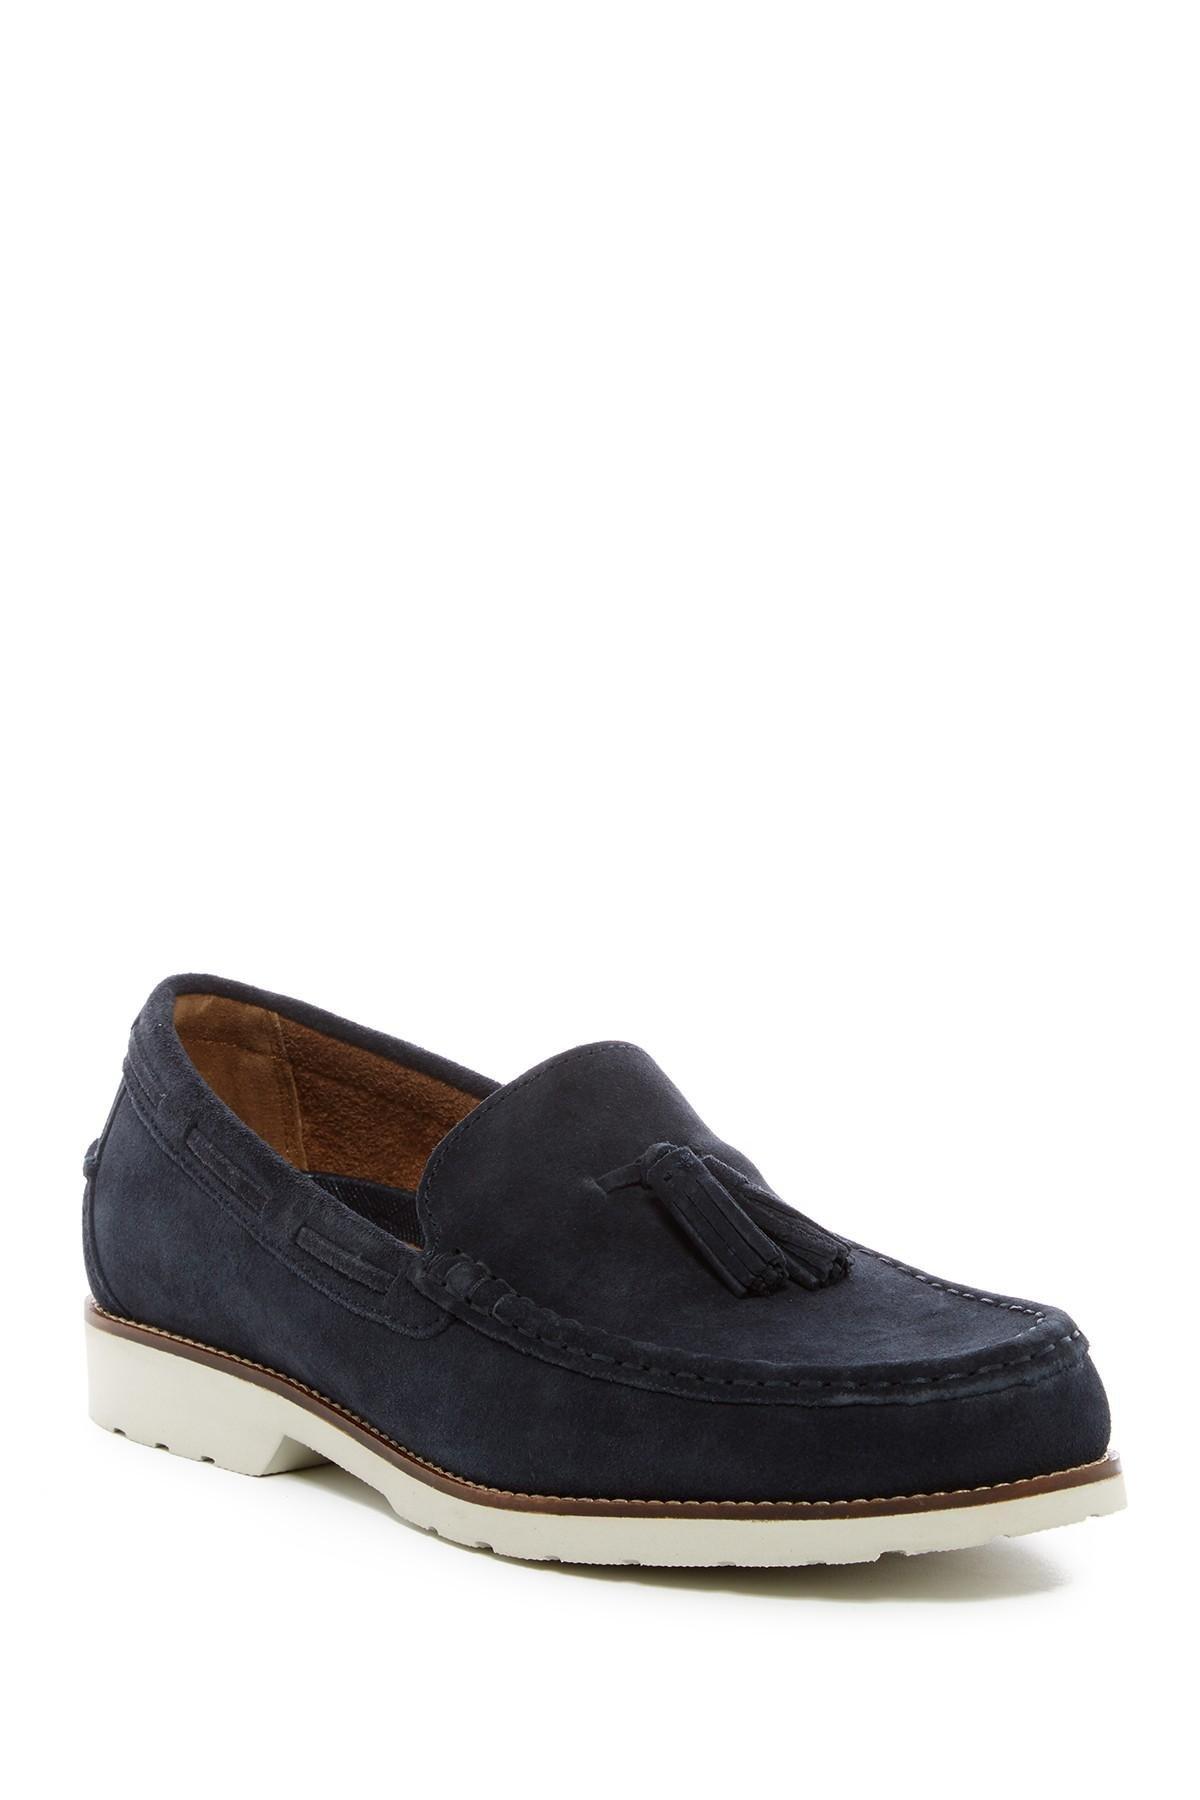 Nordstrom Deck Shoes For Men